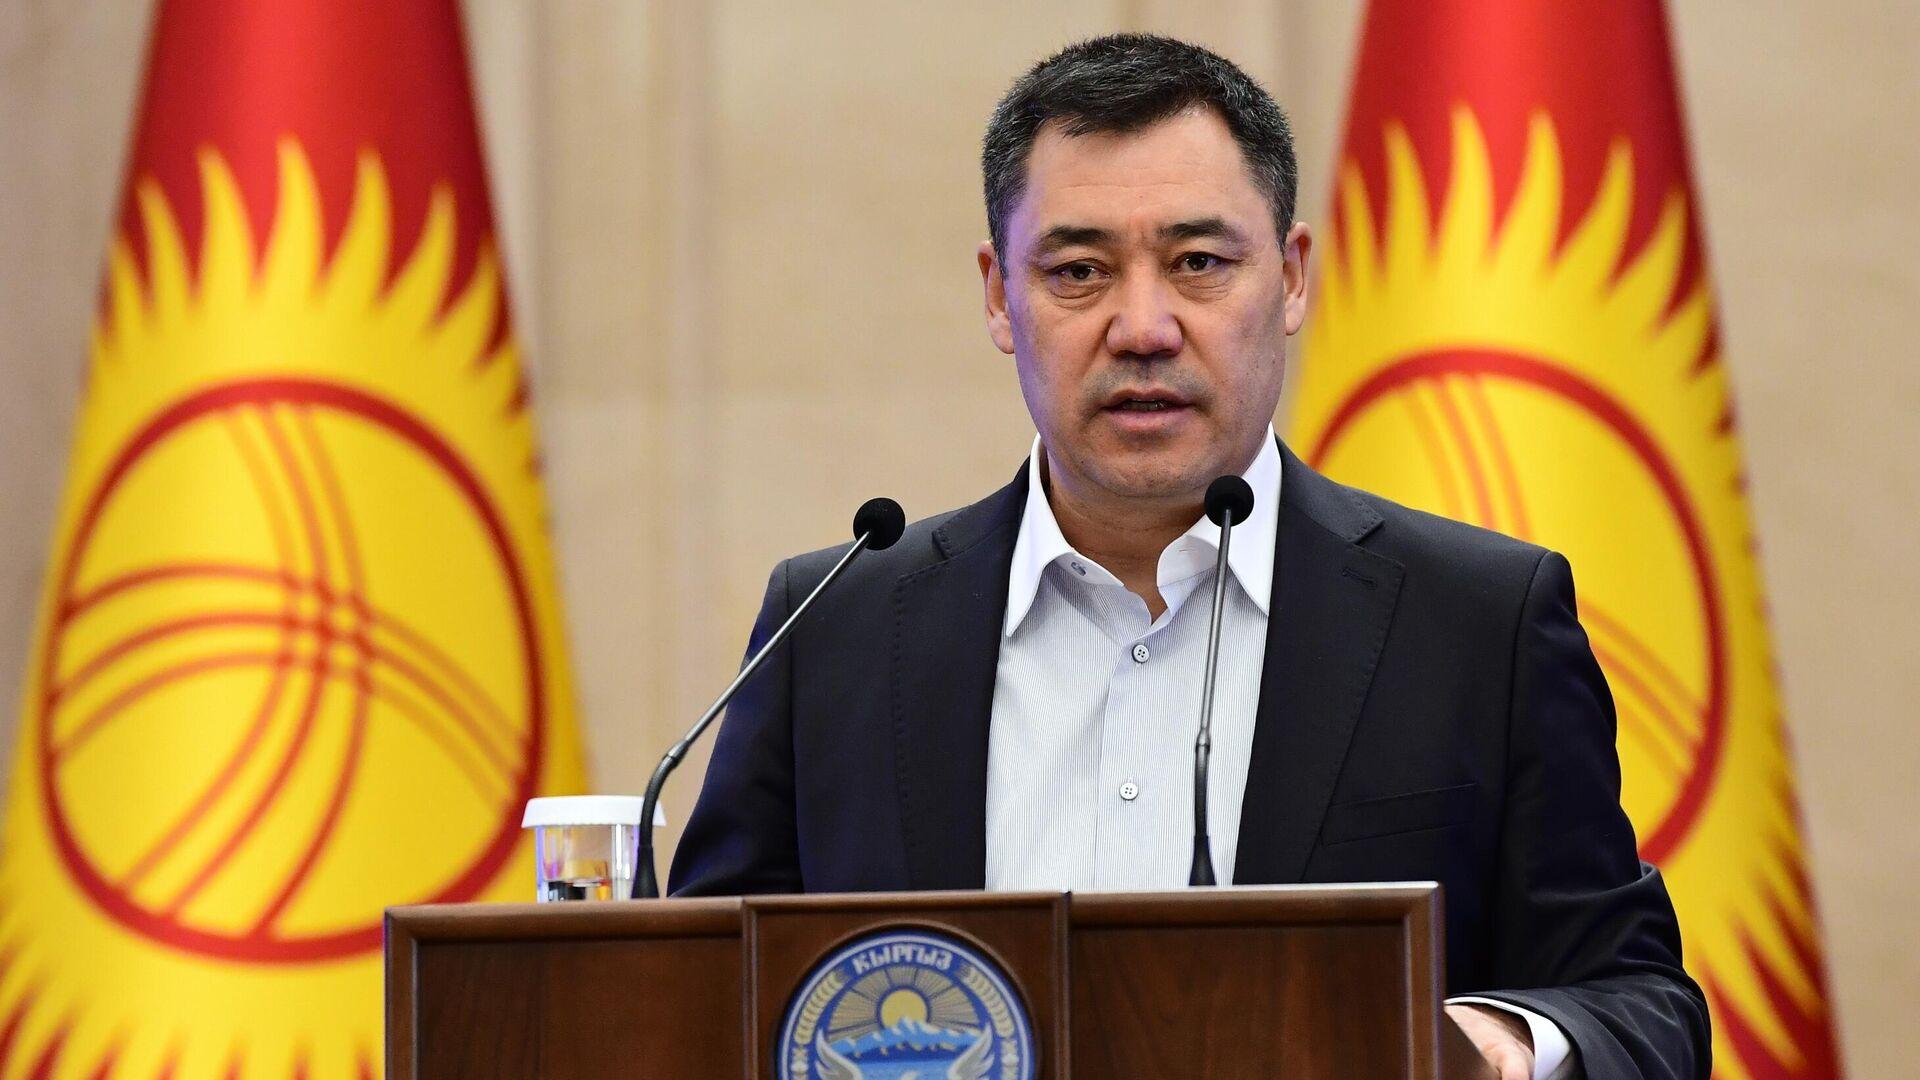 Премьер-министр Киргизии Садыр Жапаров выступает на внеочередном заседании парламента в Бишкеке - РИА Новости, 1920, 20.10.2020